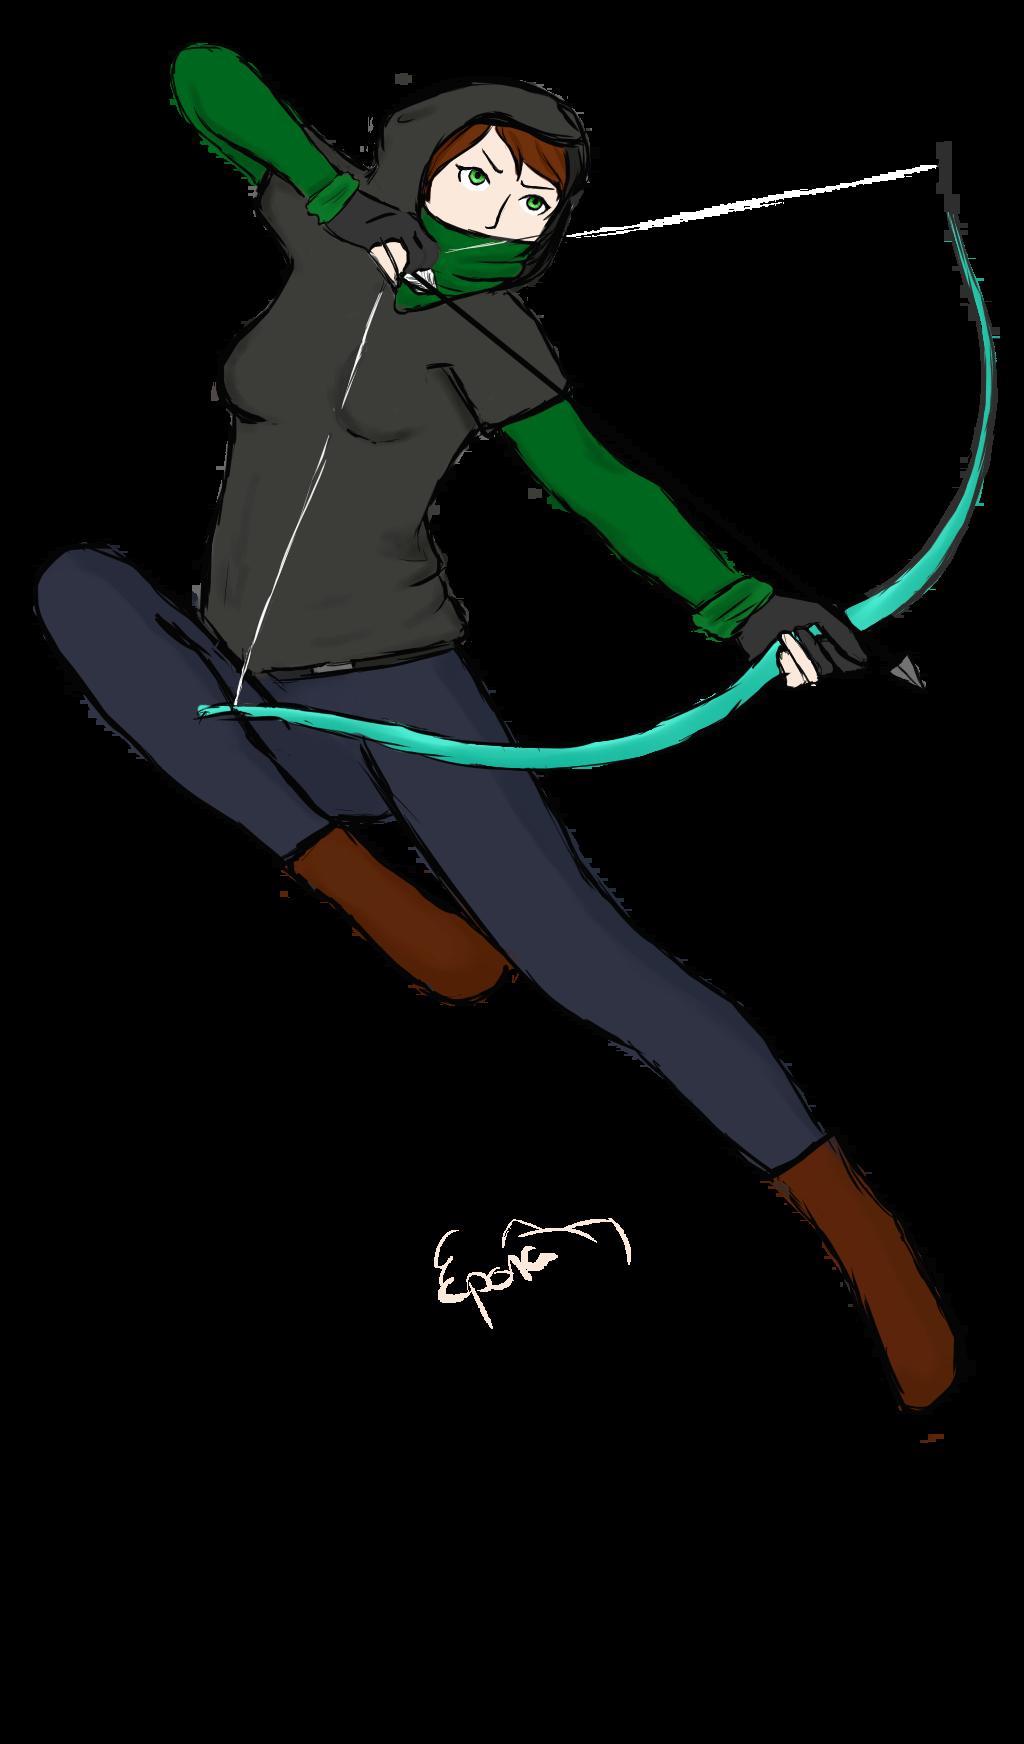 CobaltGlacier's Kira (Request)